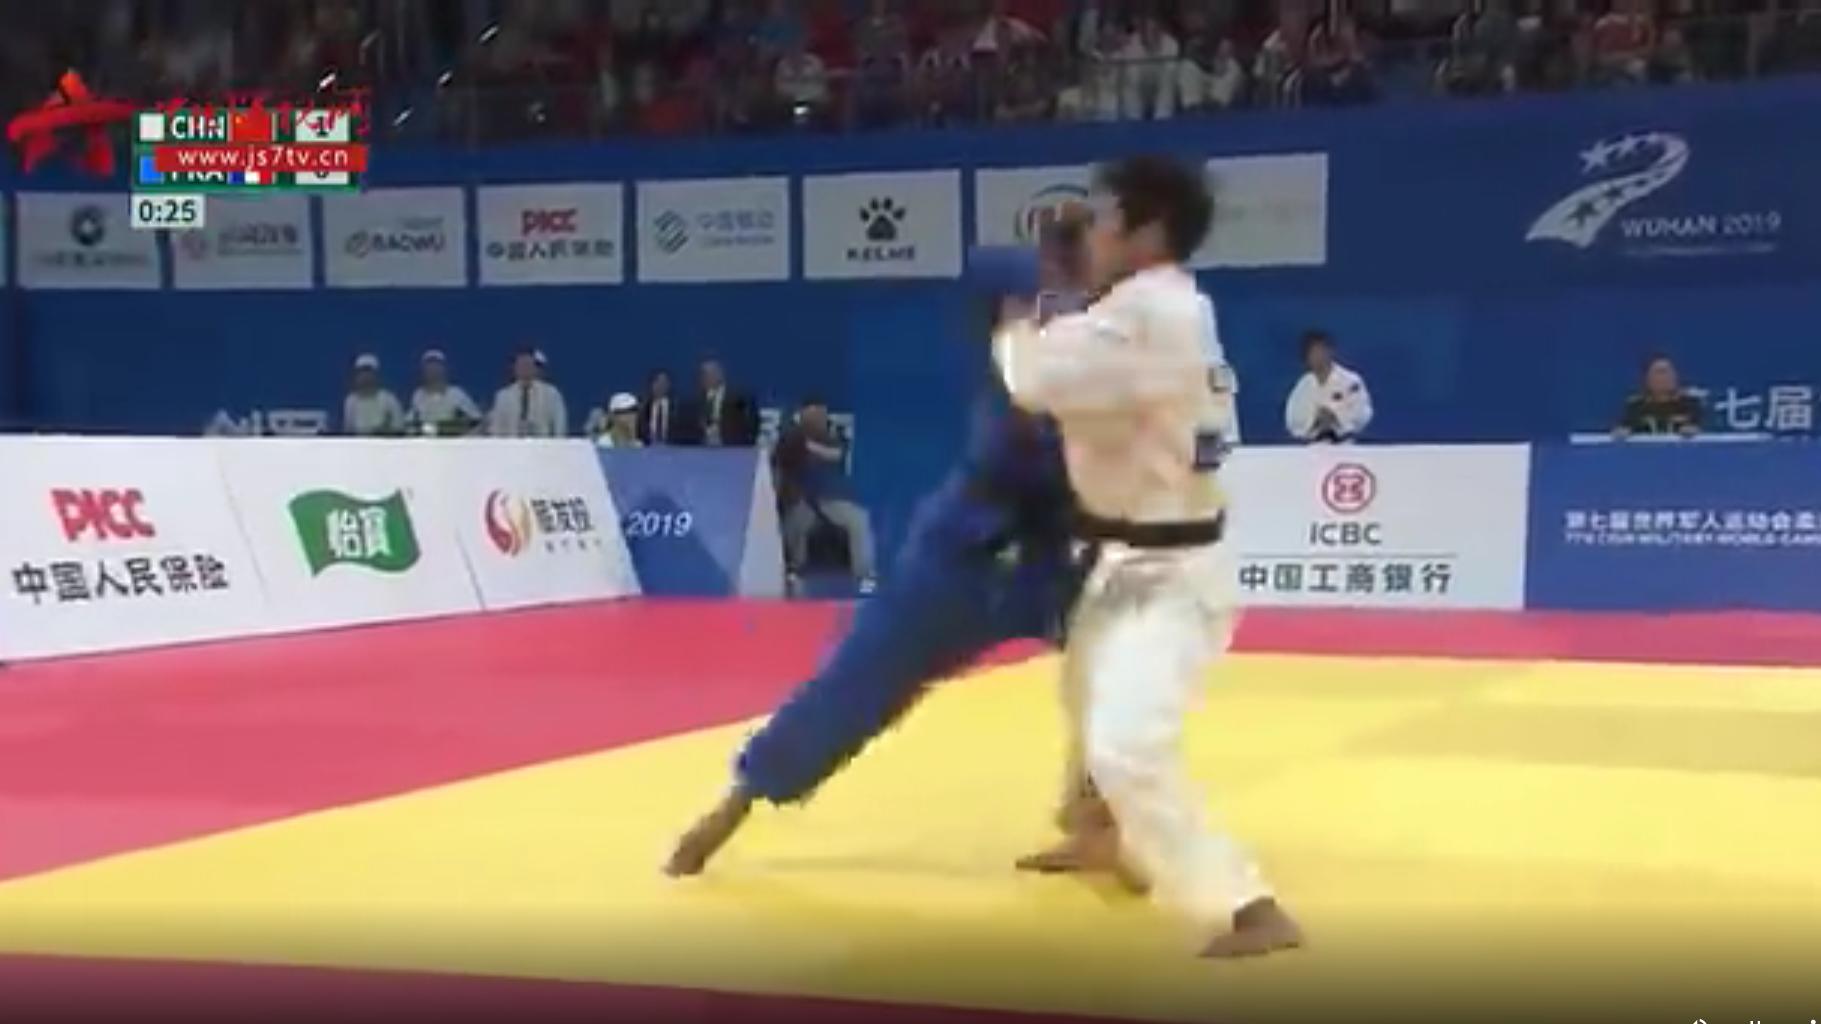 过瘾!中国柔道运动员赢得比赛 表情亮了